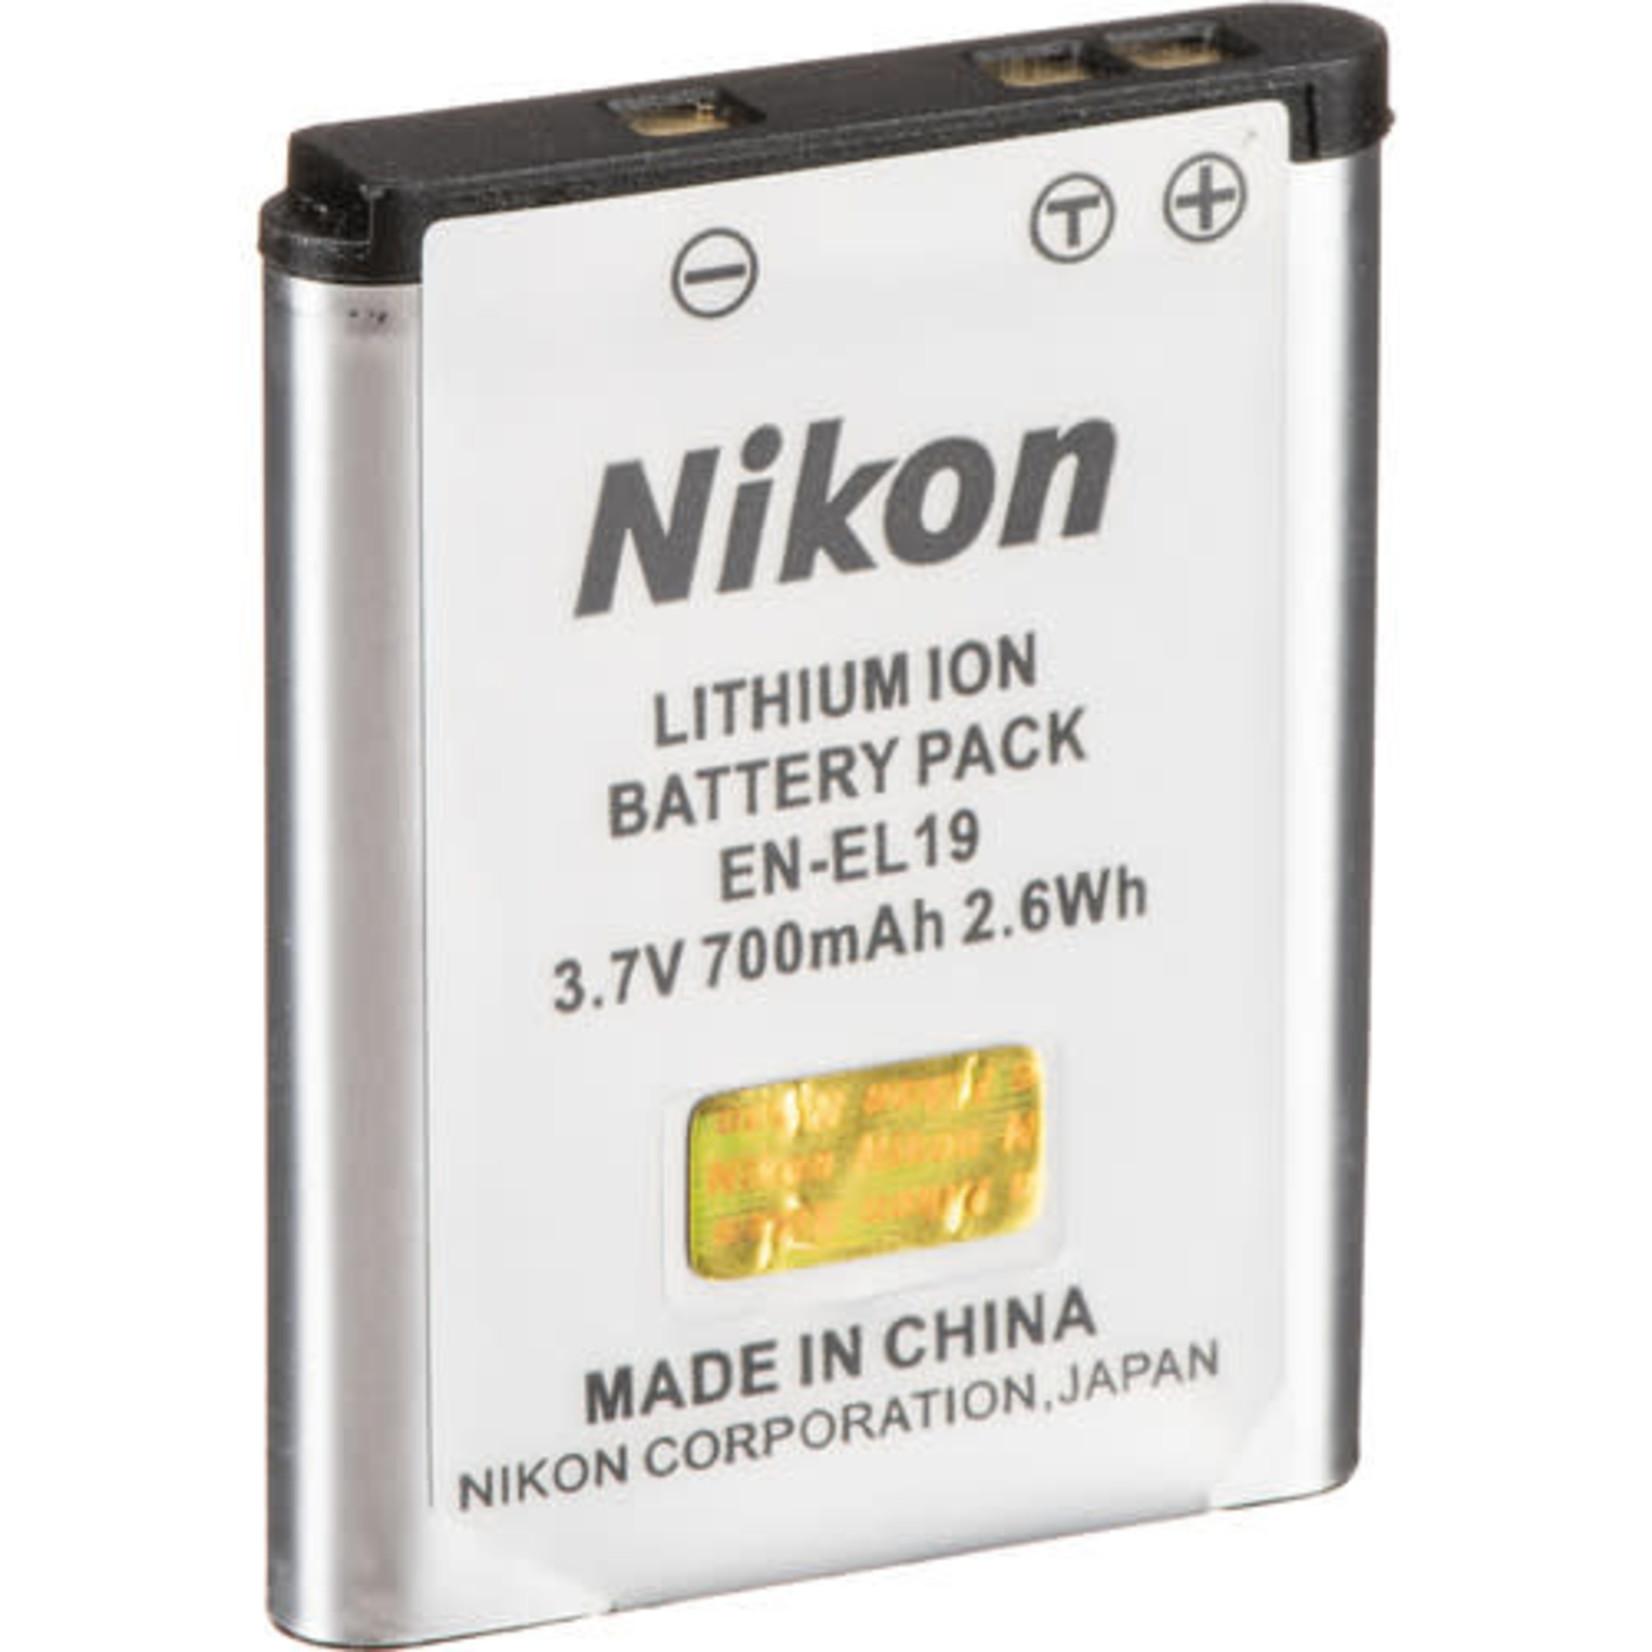 Nikon Nikon EN-EL19 Lithium-Ion Battery (700mAh)